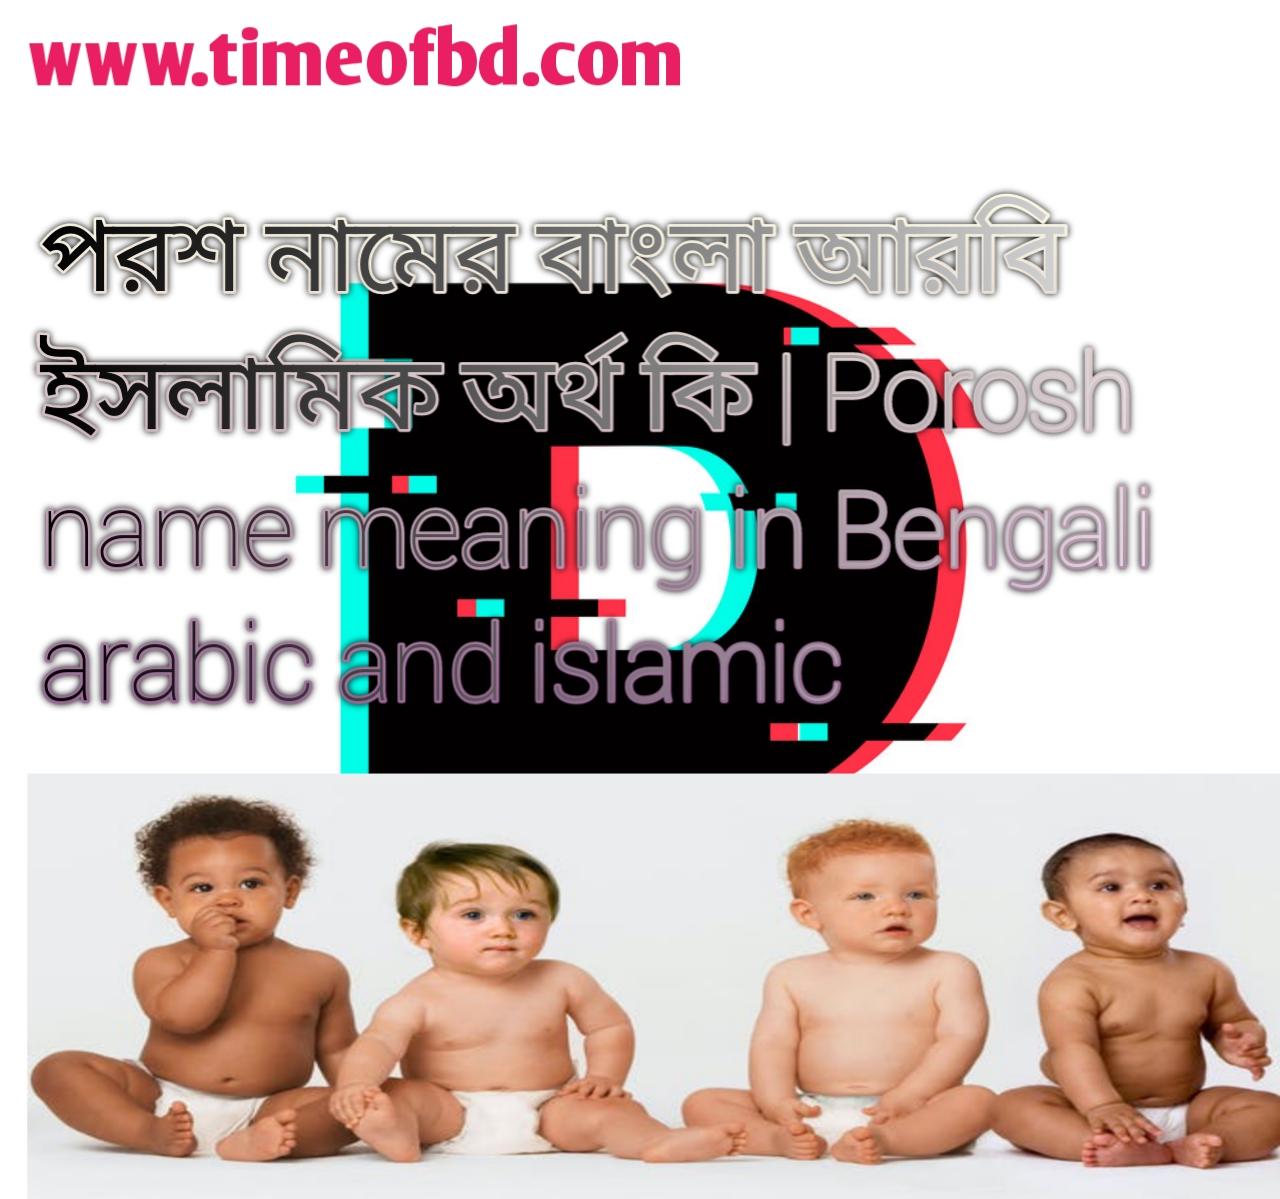 পরশ নামের অর্থ কি, পরশ নামের বাংলা অর্থ কি, পরশ নামের ইসলামিক অর্থ কি, Poroshname meaning in Bengali, পরশ কি ইসলামিক নাম,